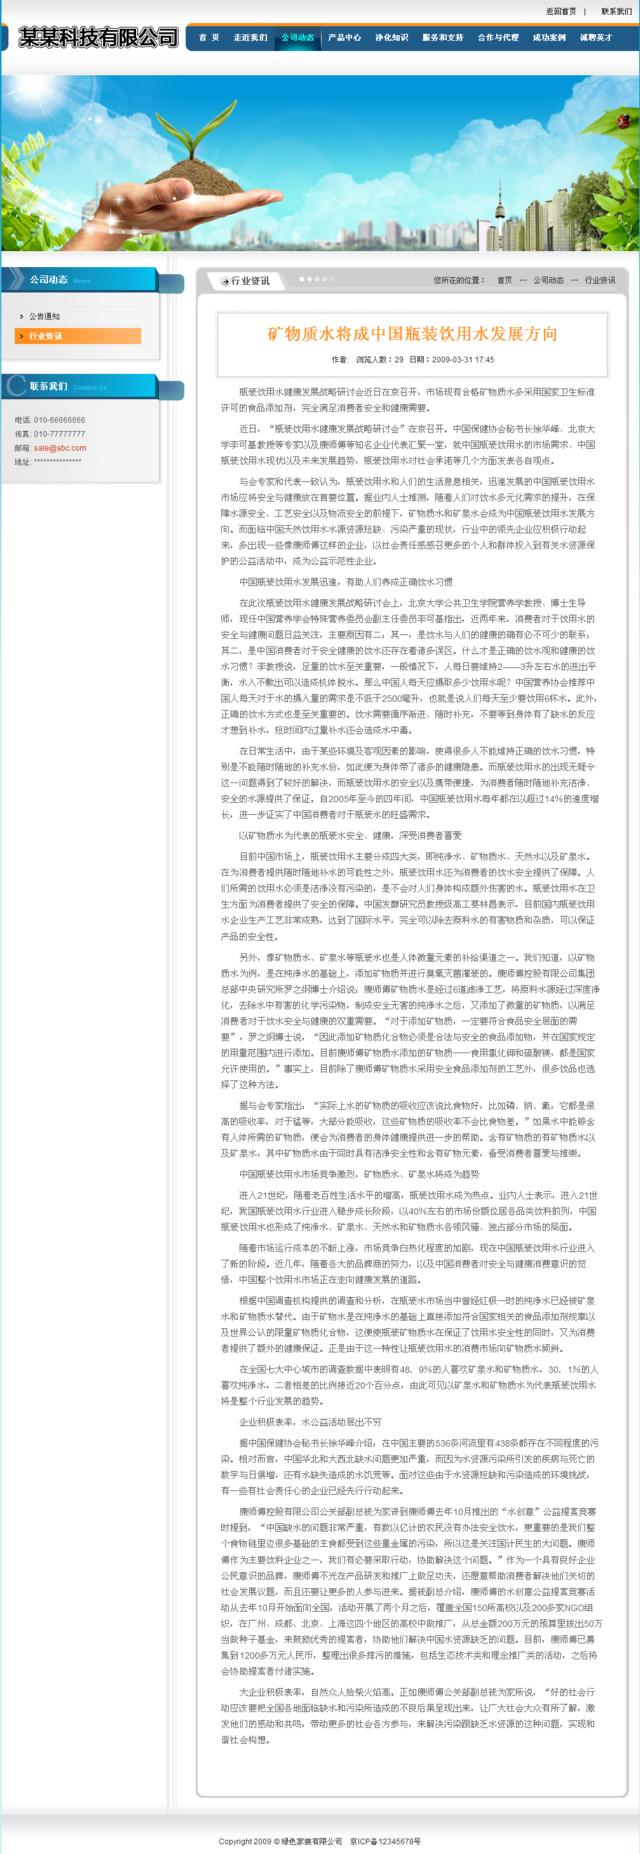 帝国cms绿色家装环保企业模板_新闻内容